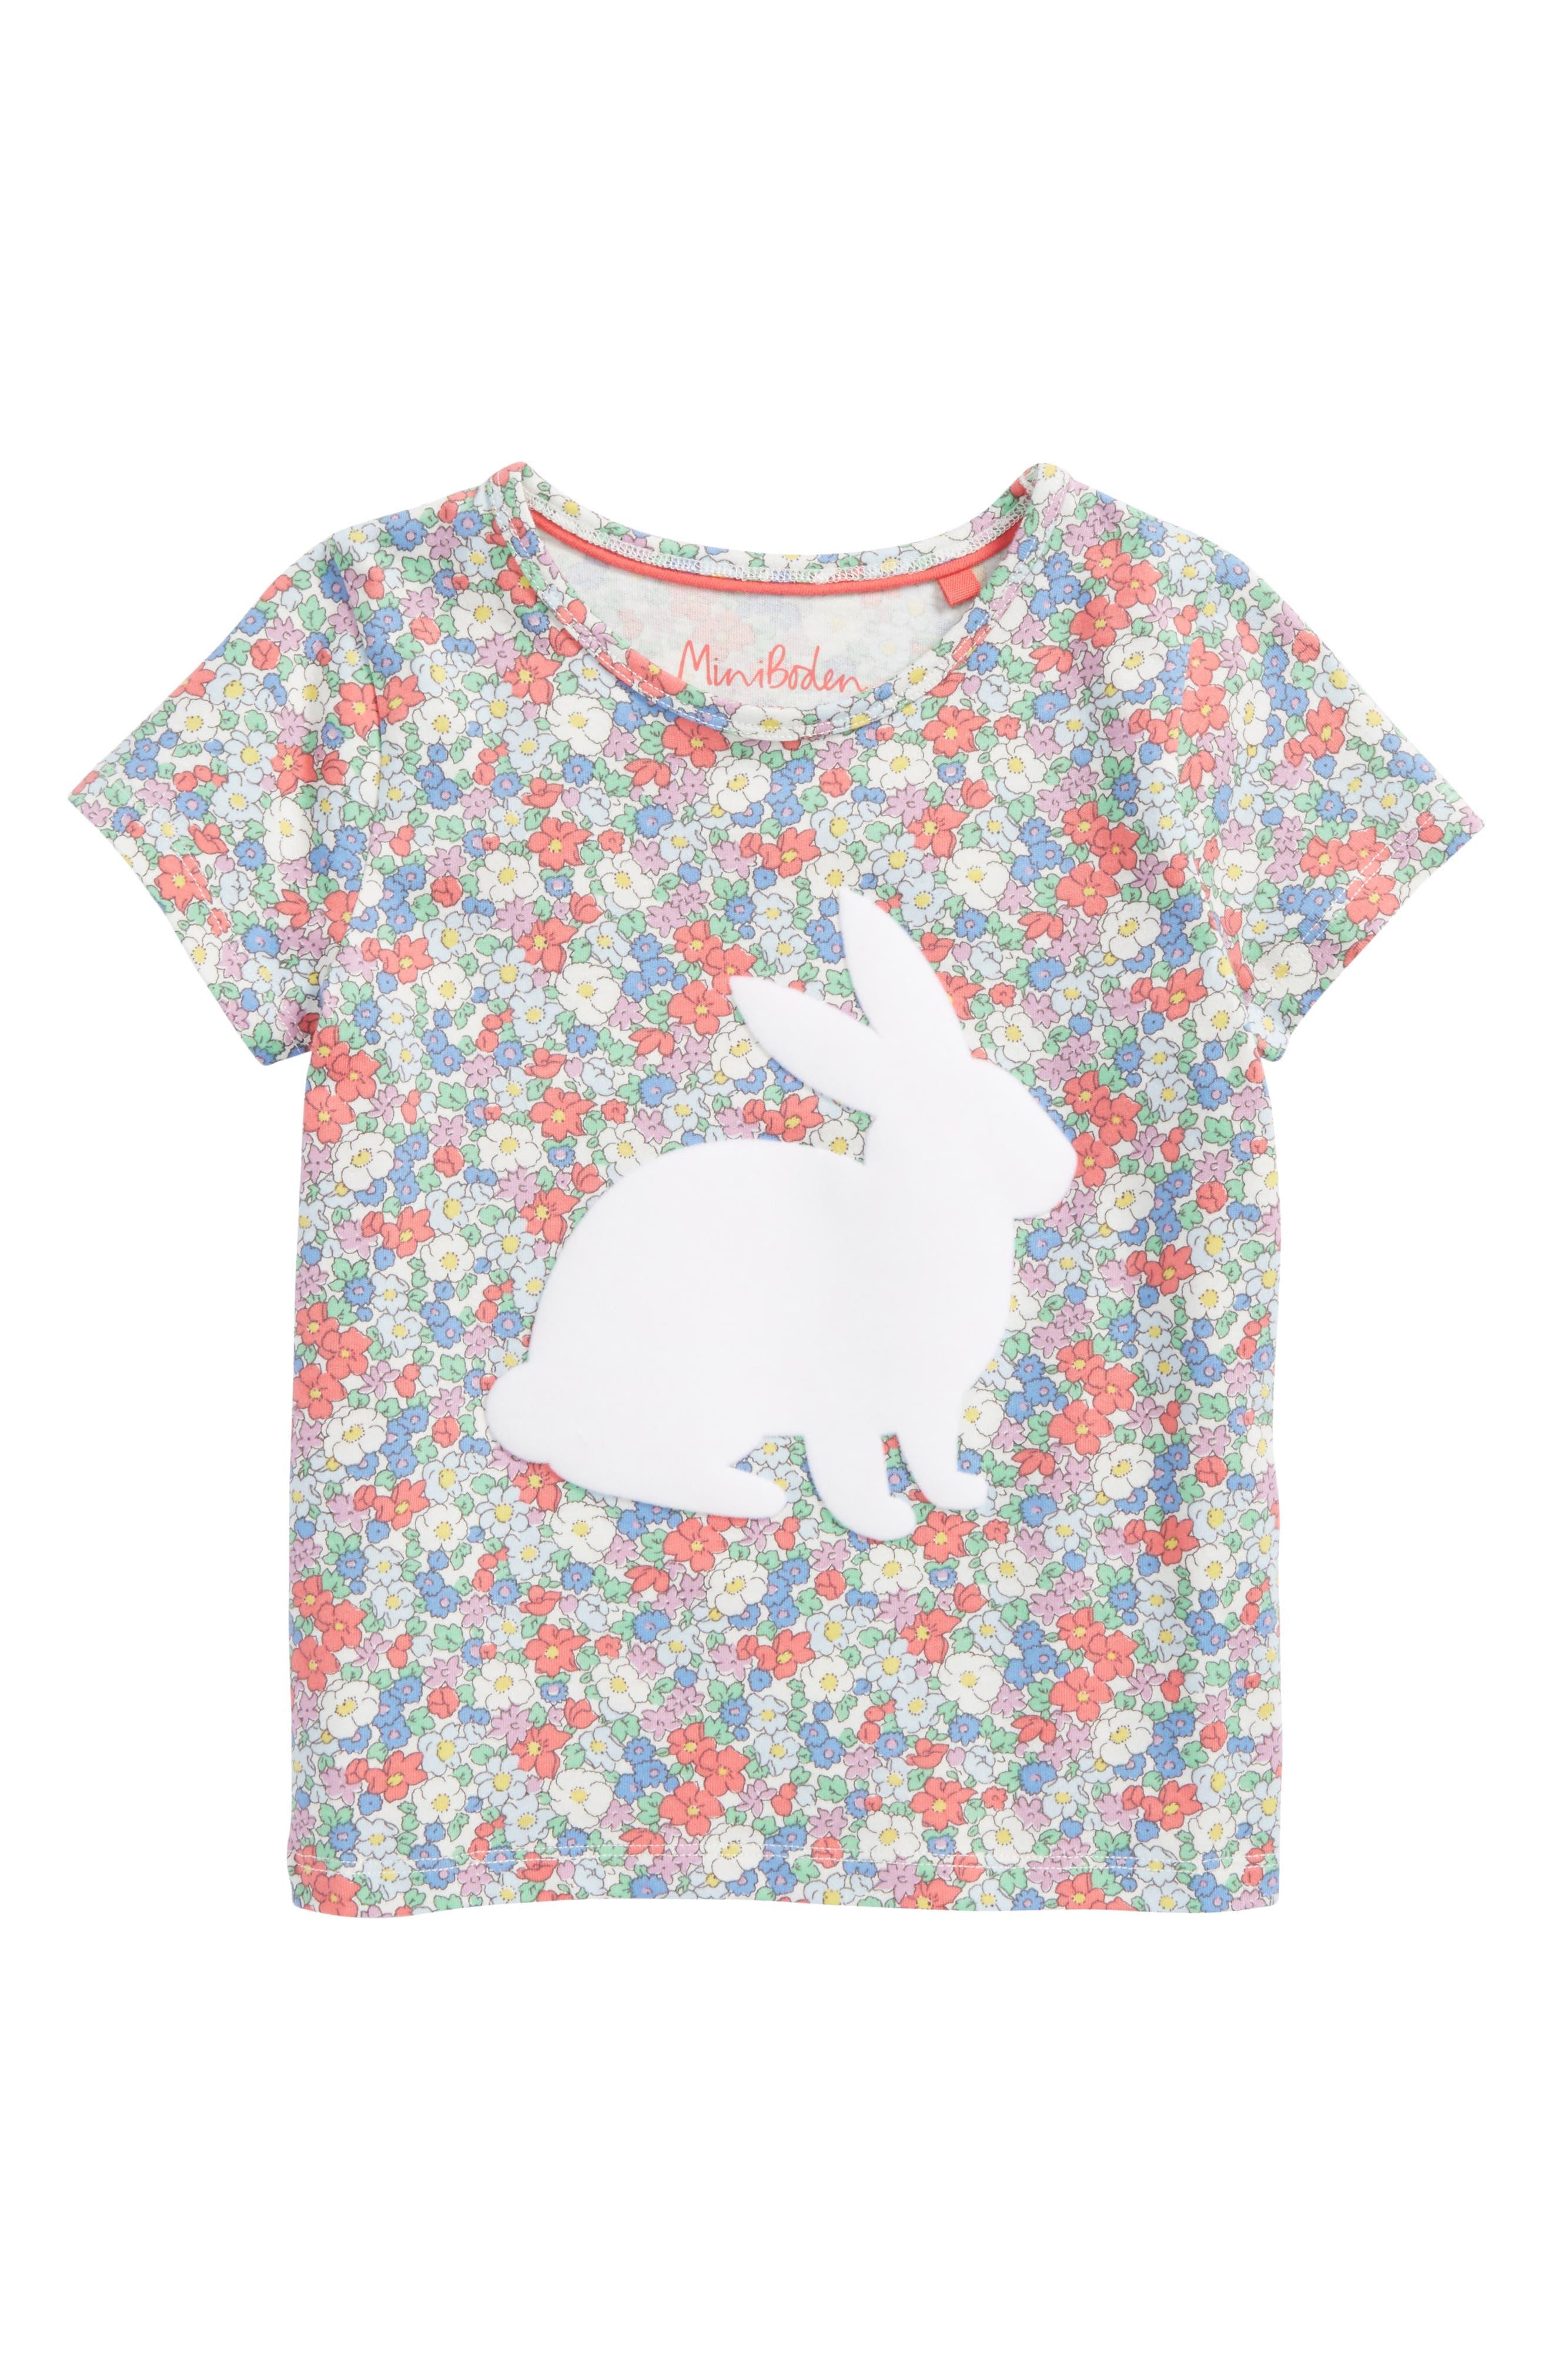 Floral Bunny Appliqué Tee,                         Main,                         color, Strawberry Floral Bunny